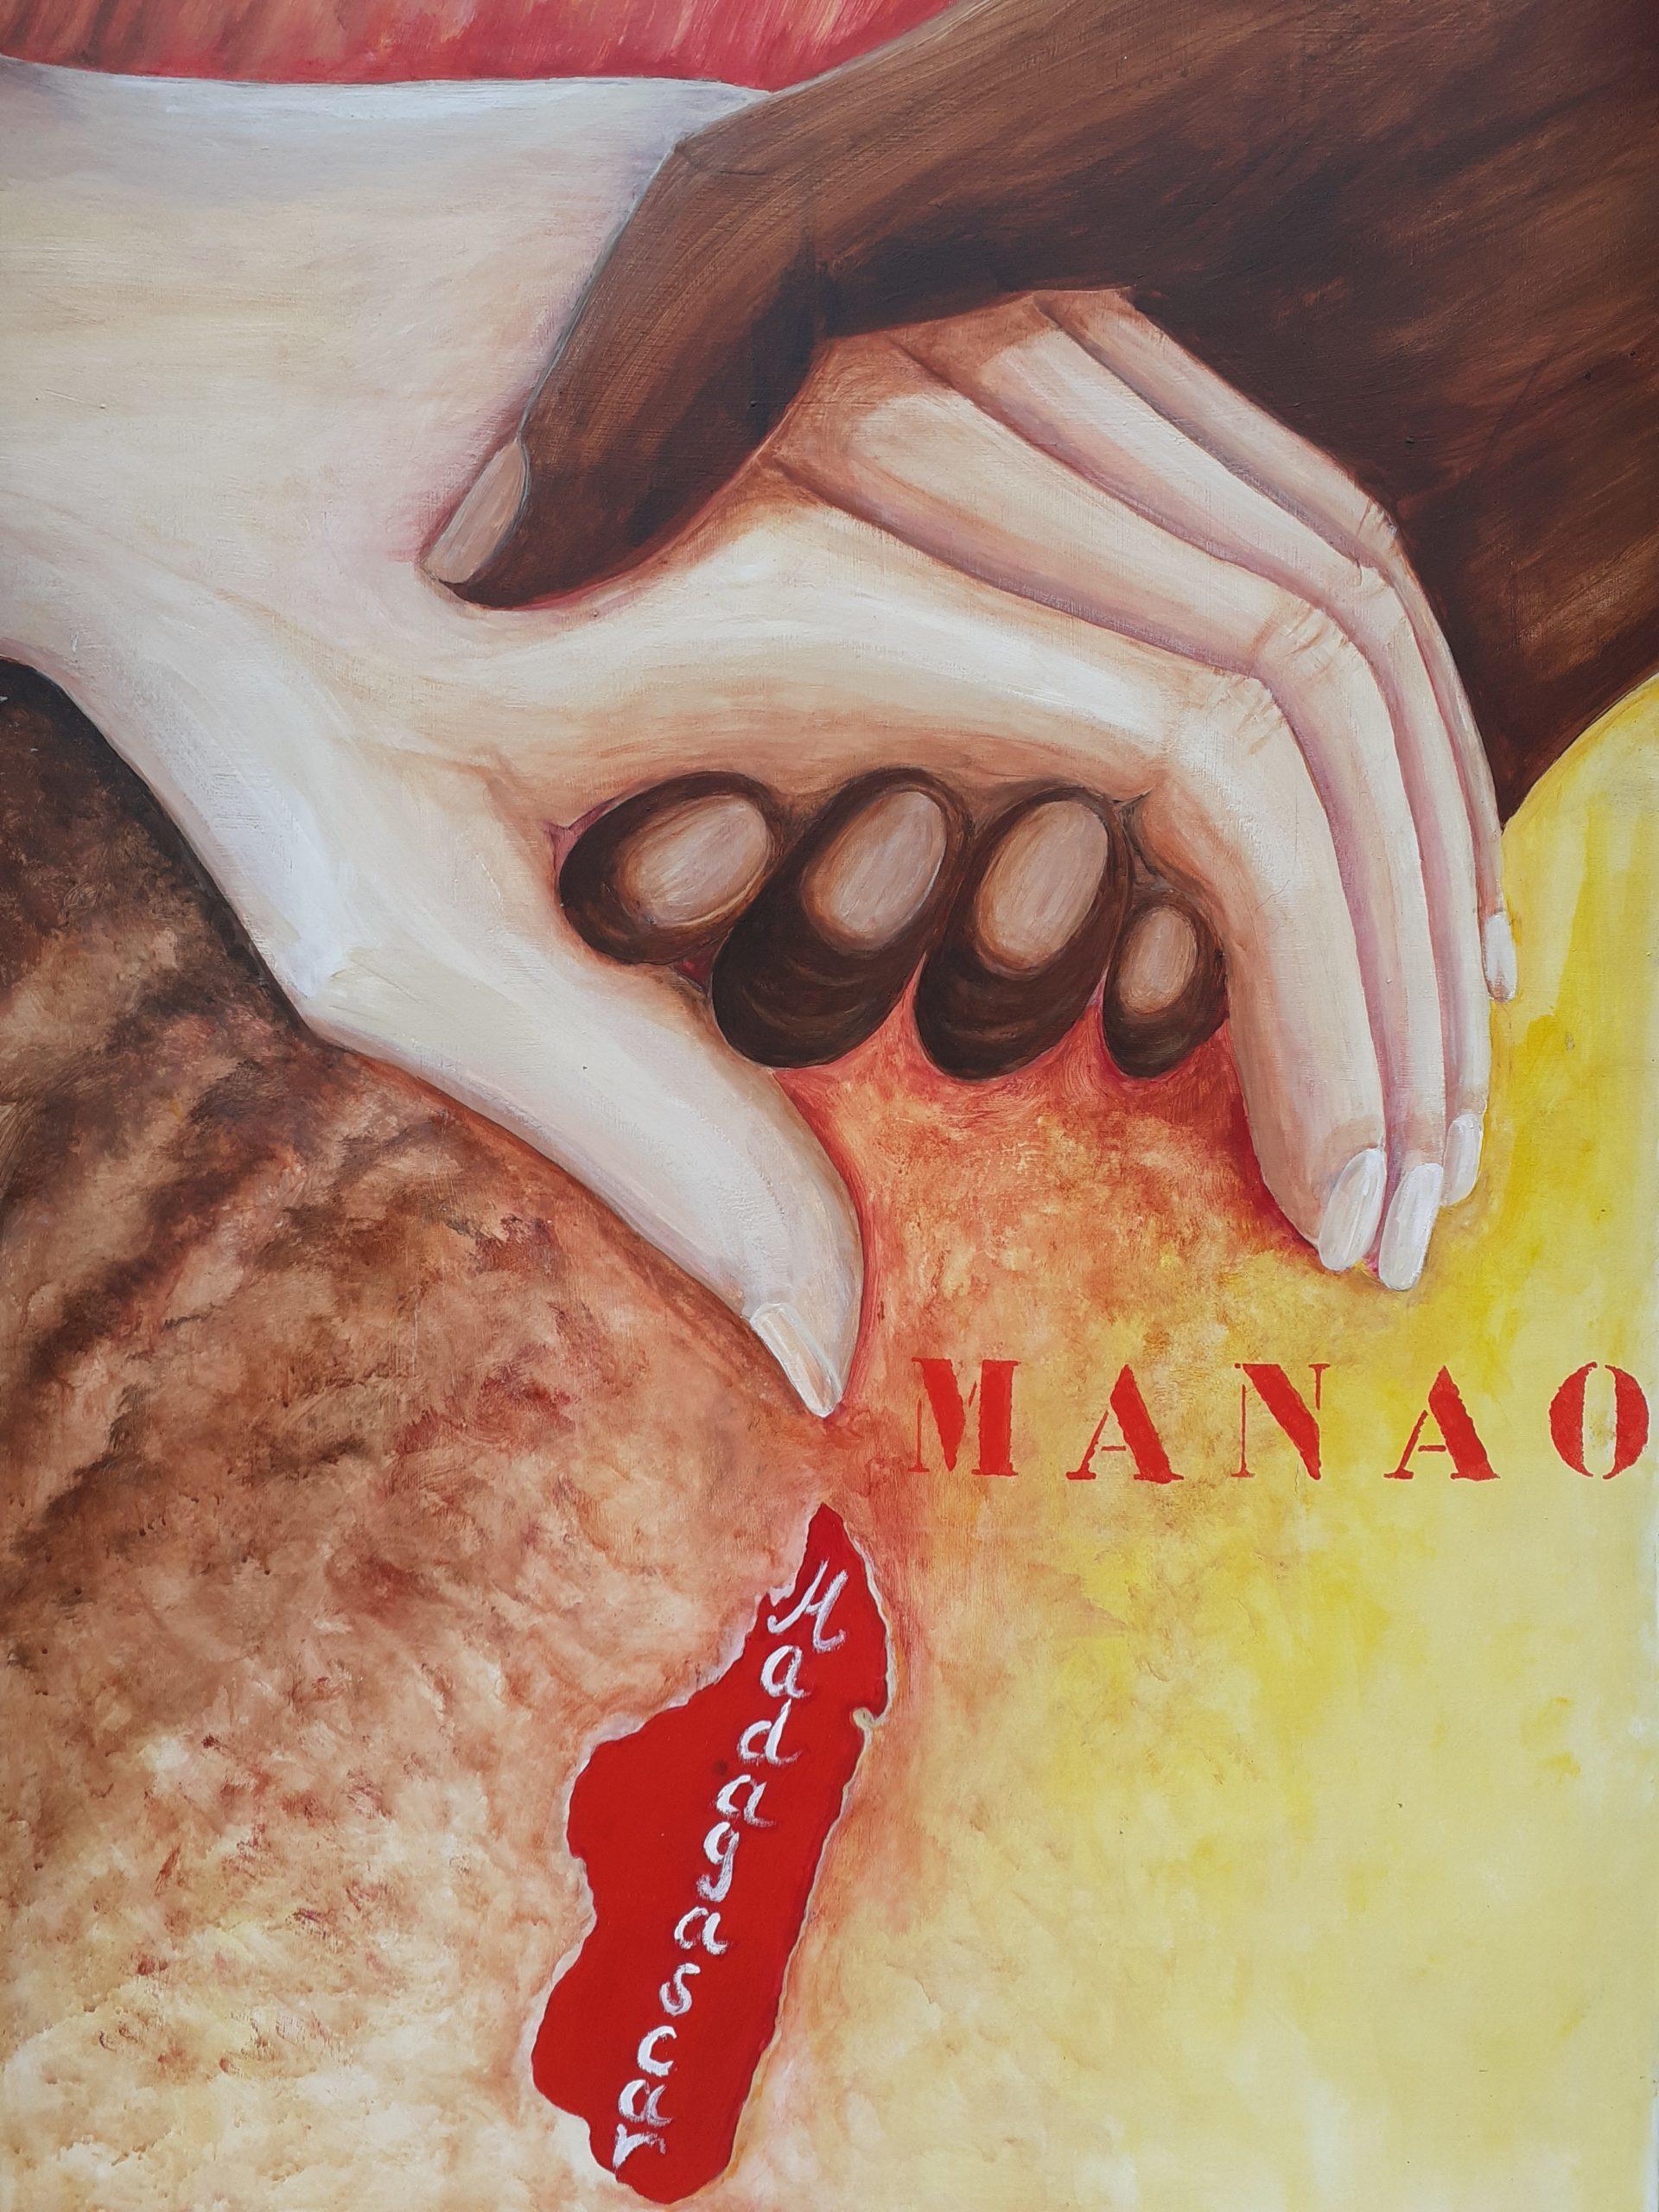 Association MANAO